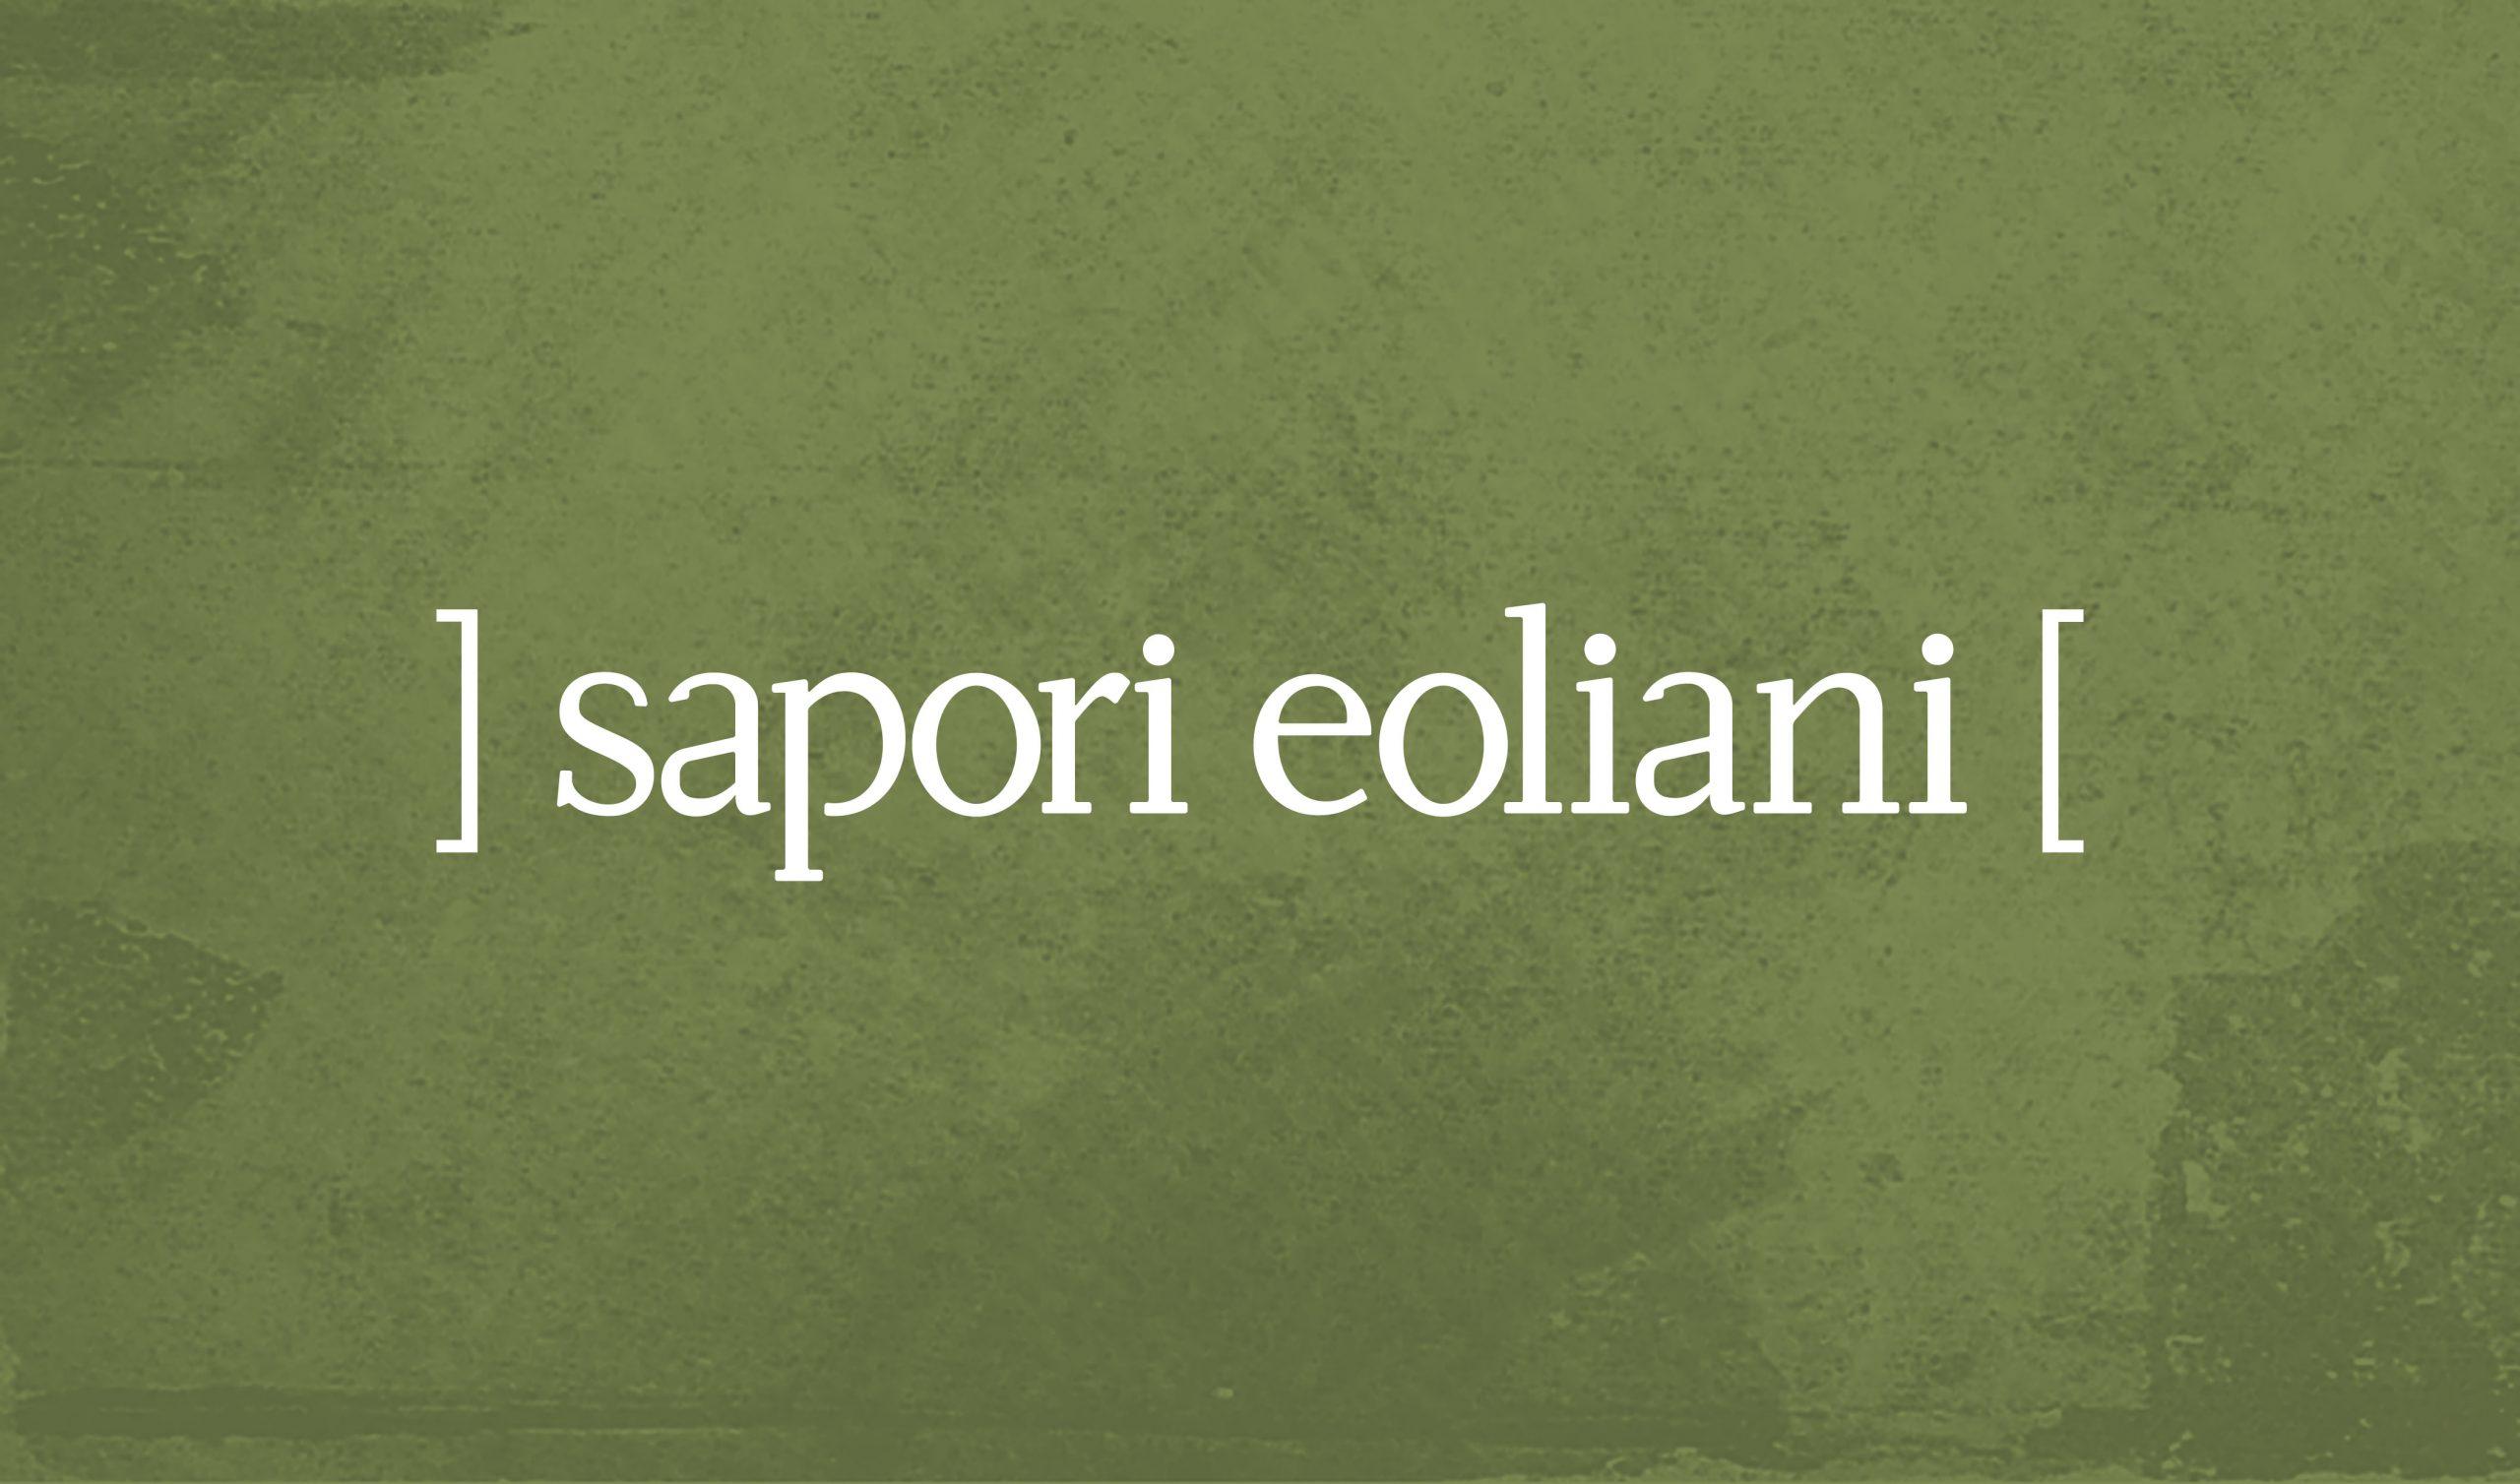 Sapori Eoliani identità visiva azienda di Salina - Logo